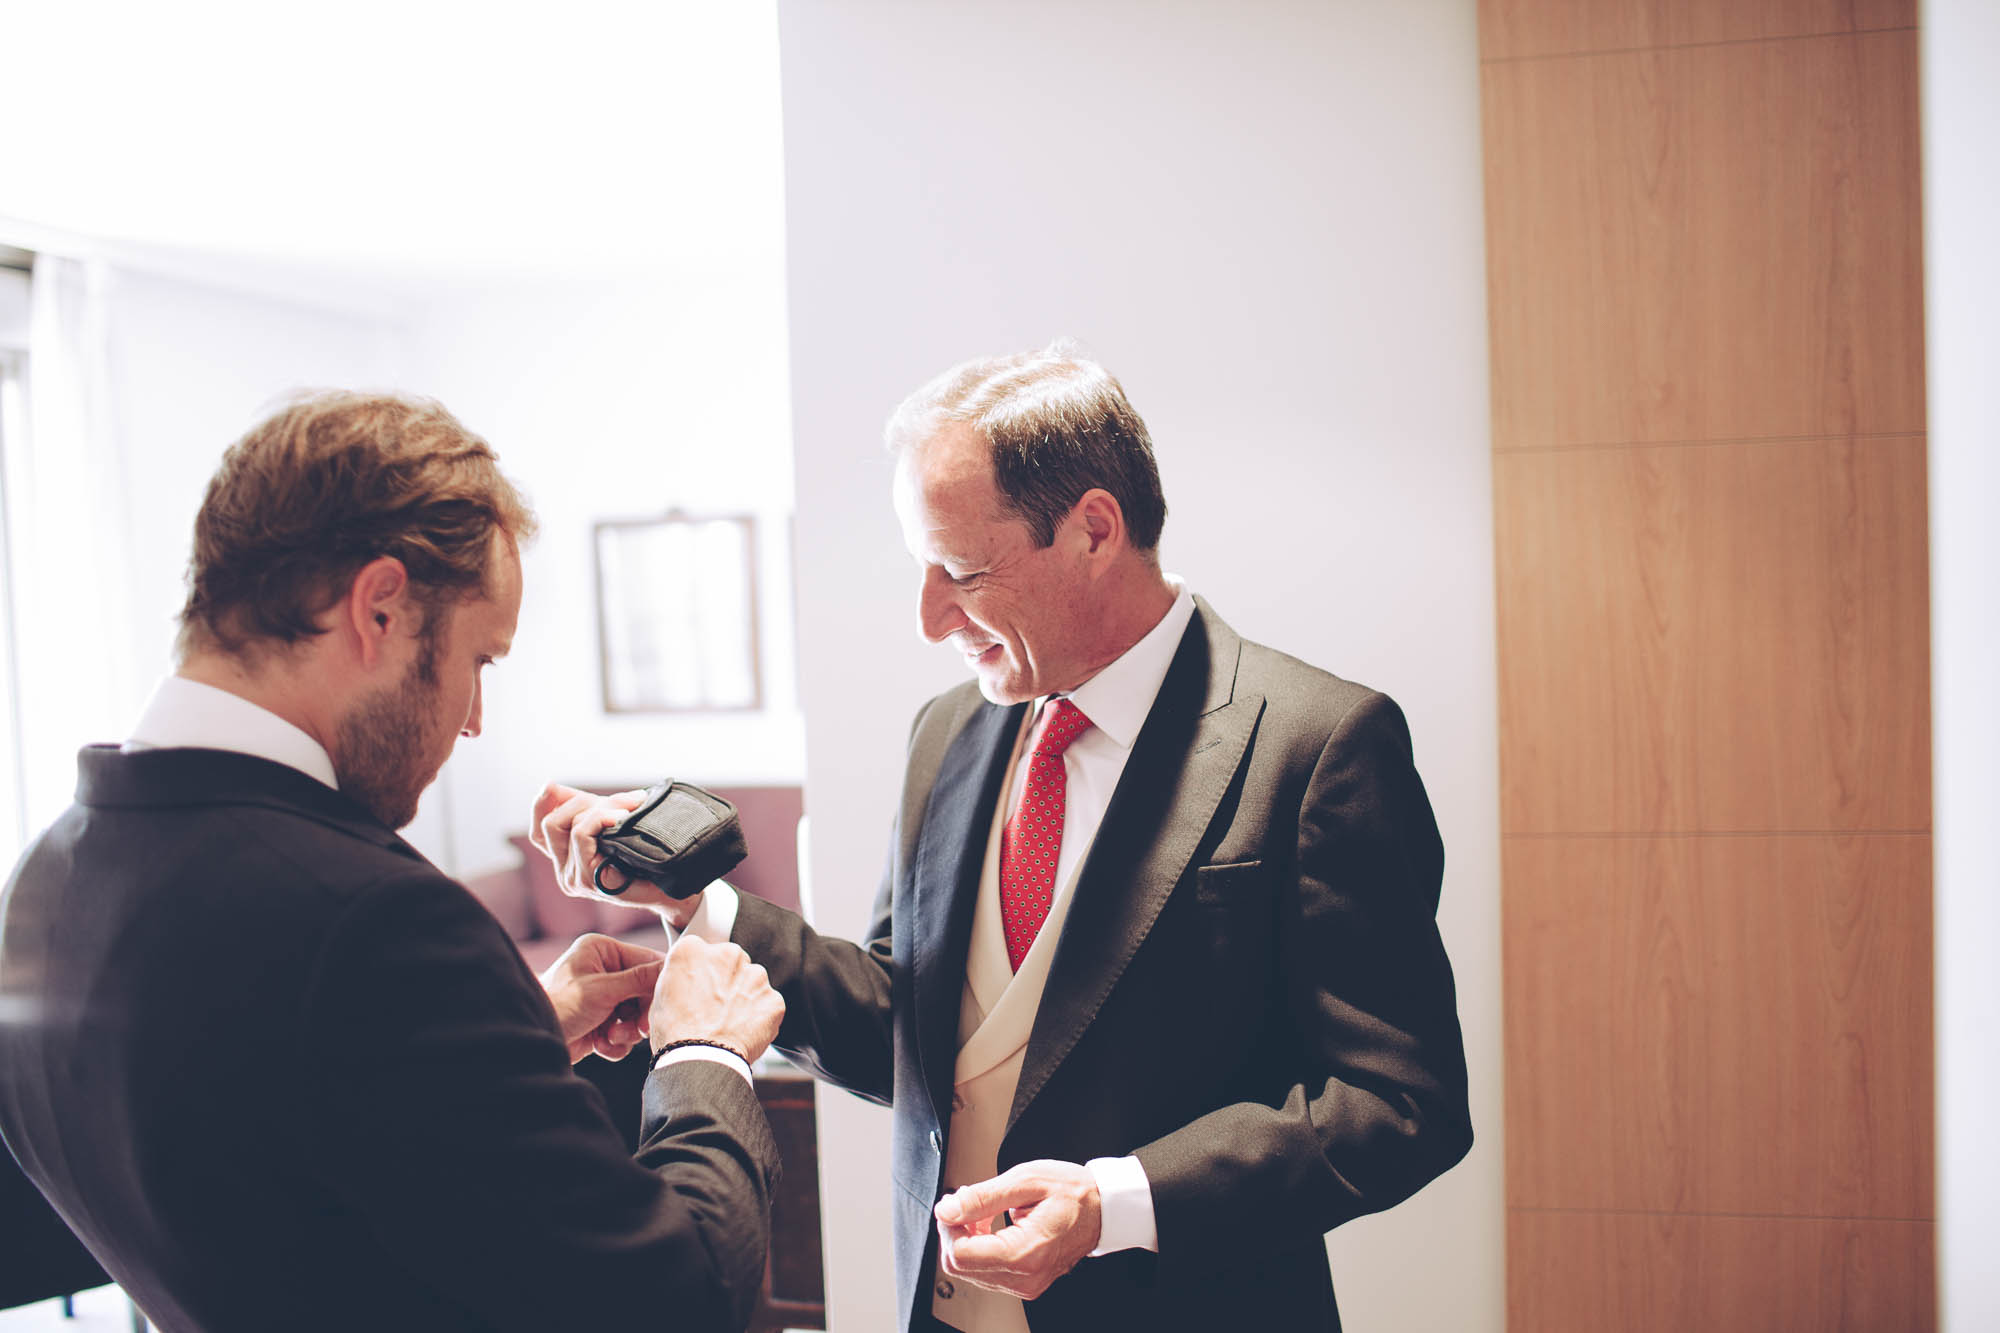 El padre y el novio se preparan para la boda